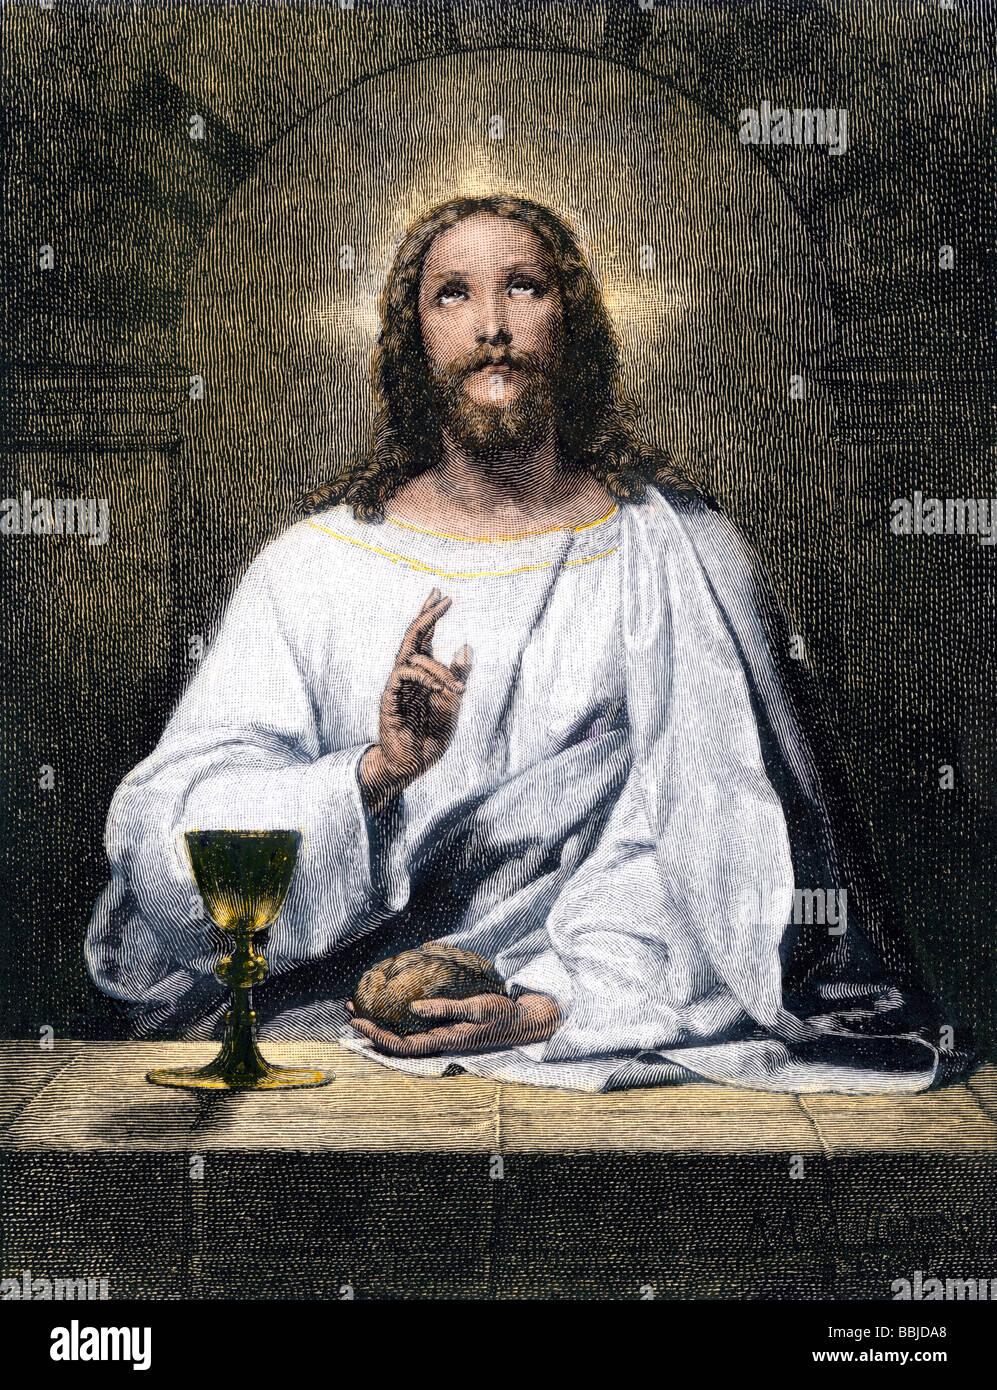 Gesù benedire il pane e il vino di Emmaus Immagini Stock